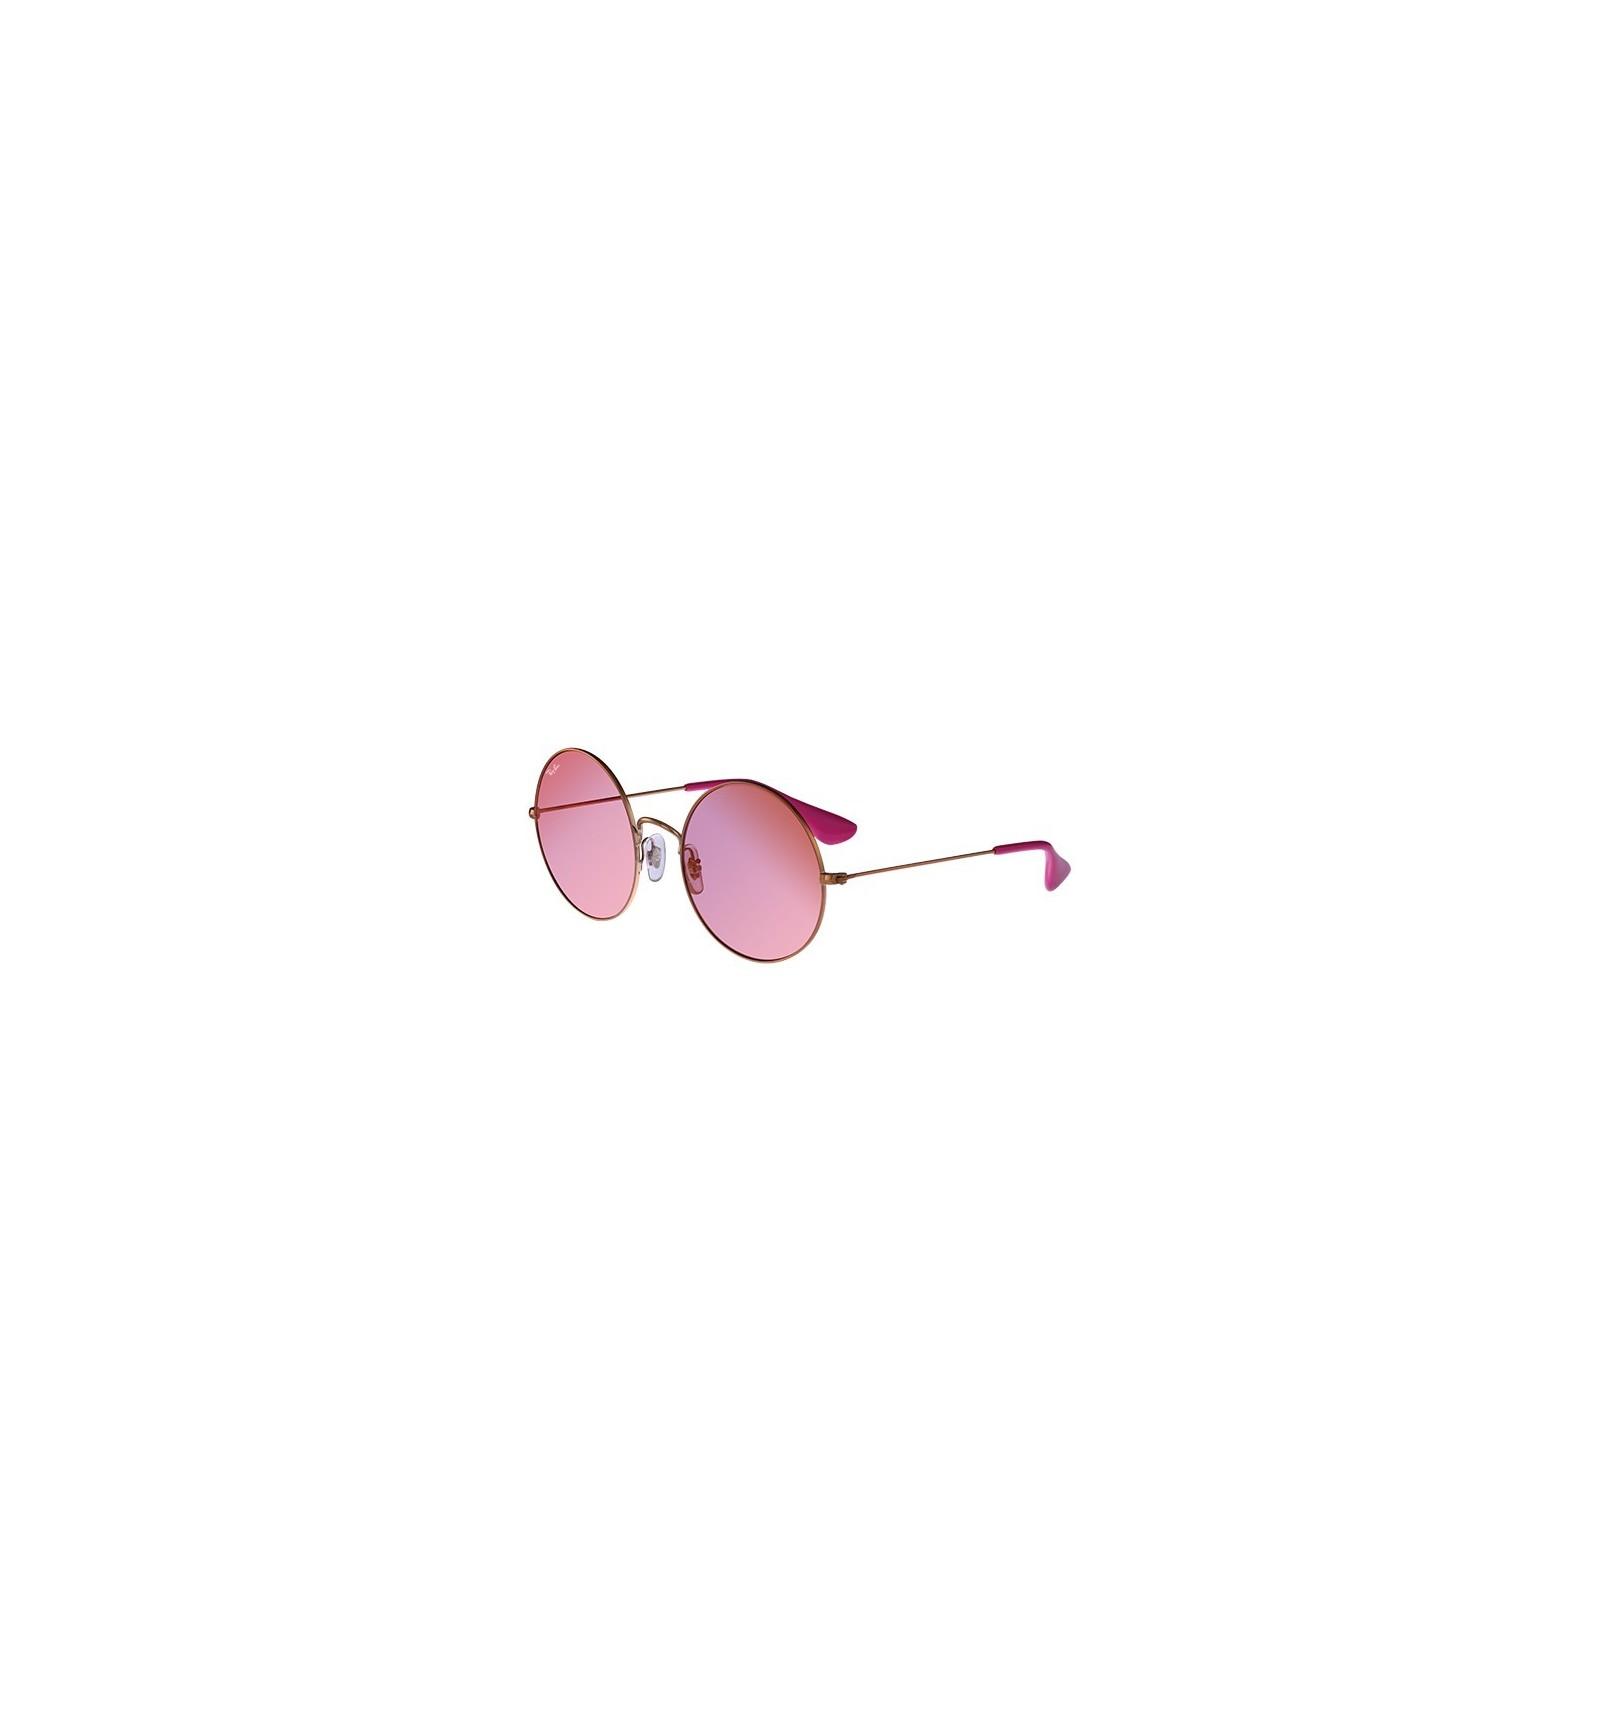 Gafas de sol RAY BAN RB3592 JA JO Cooper - Pink Mirror 36a1a0904c